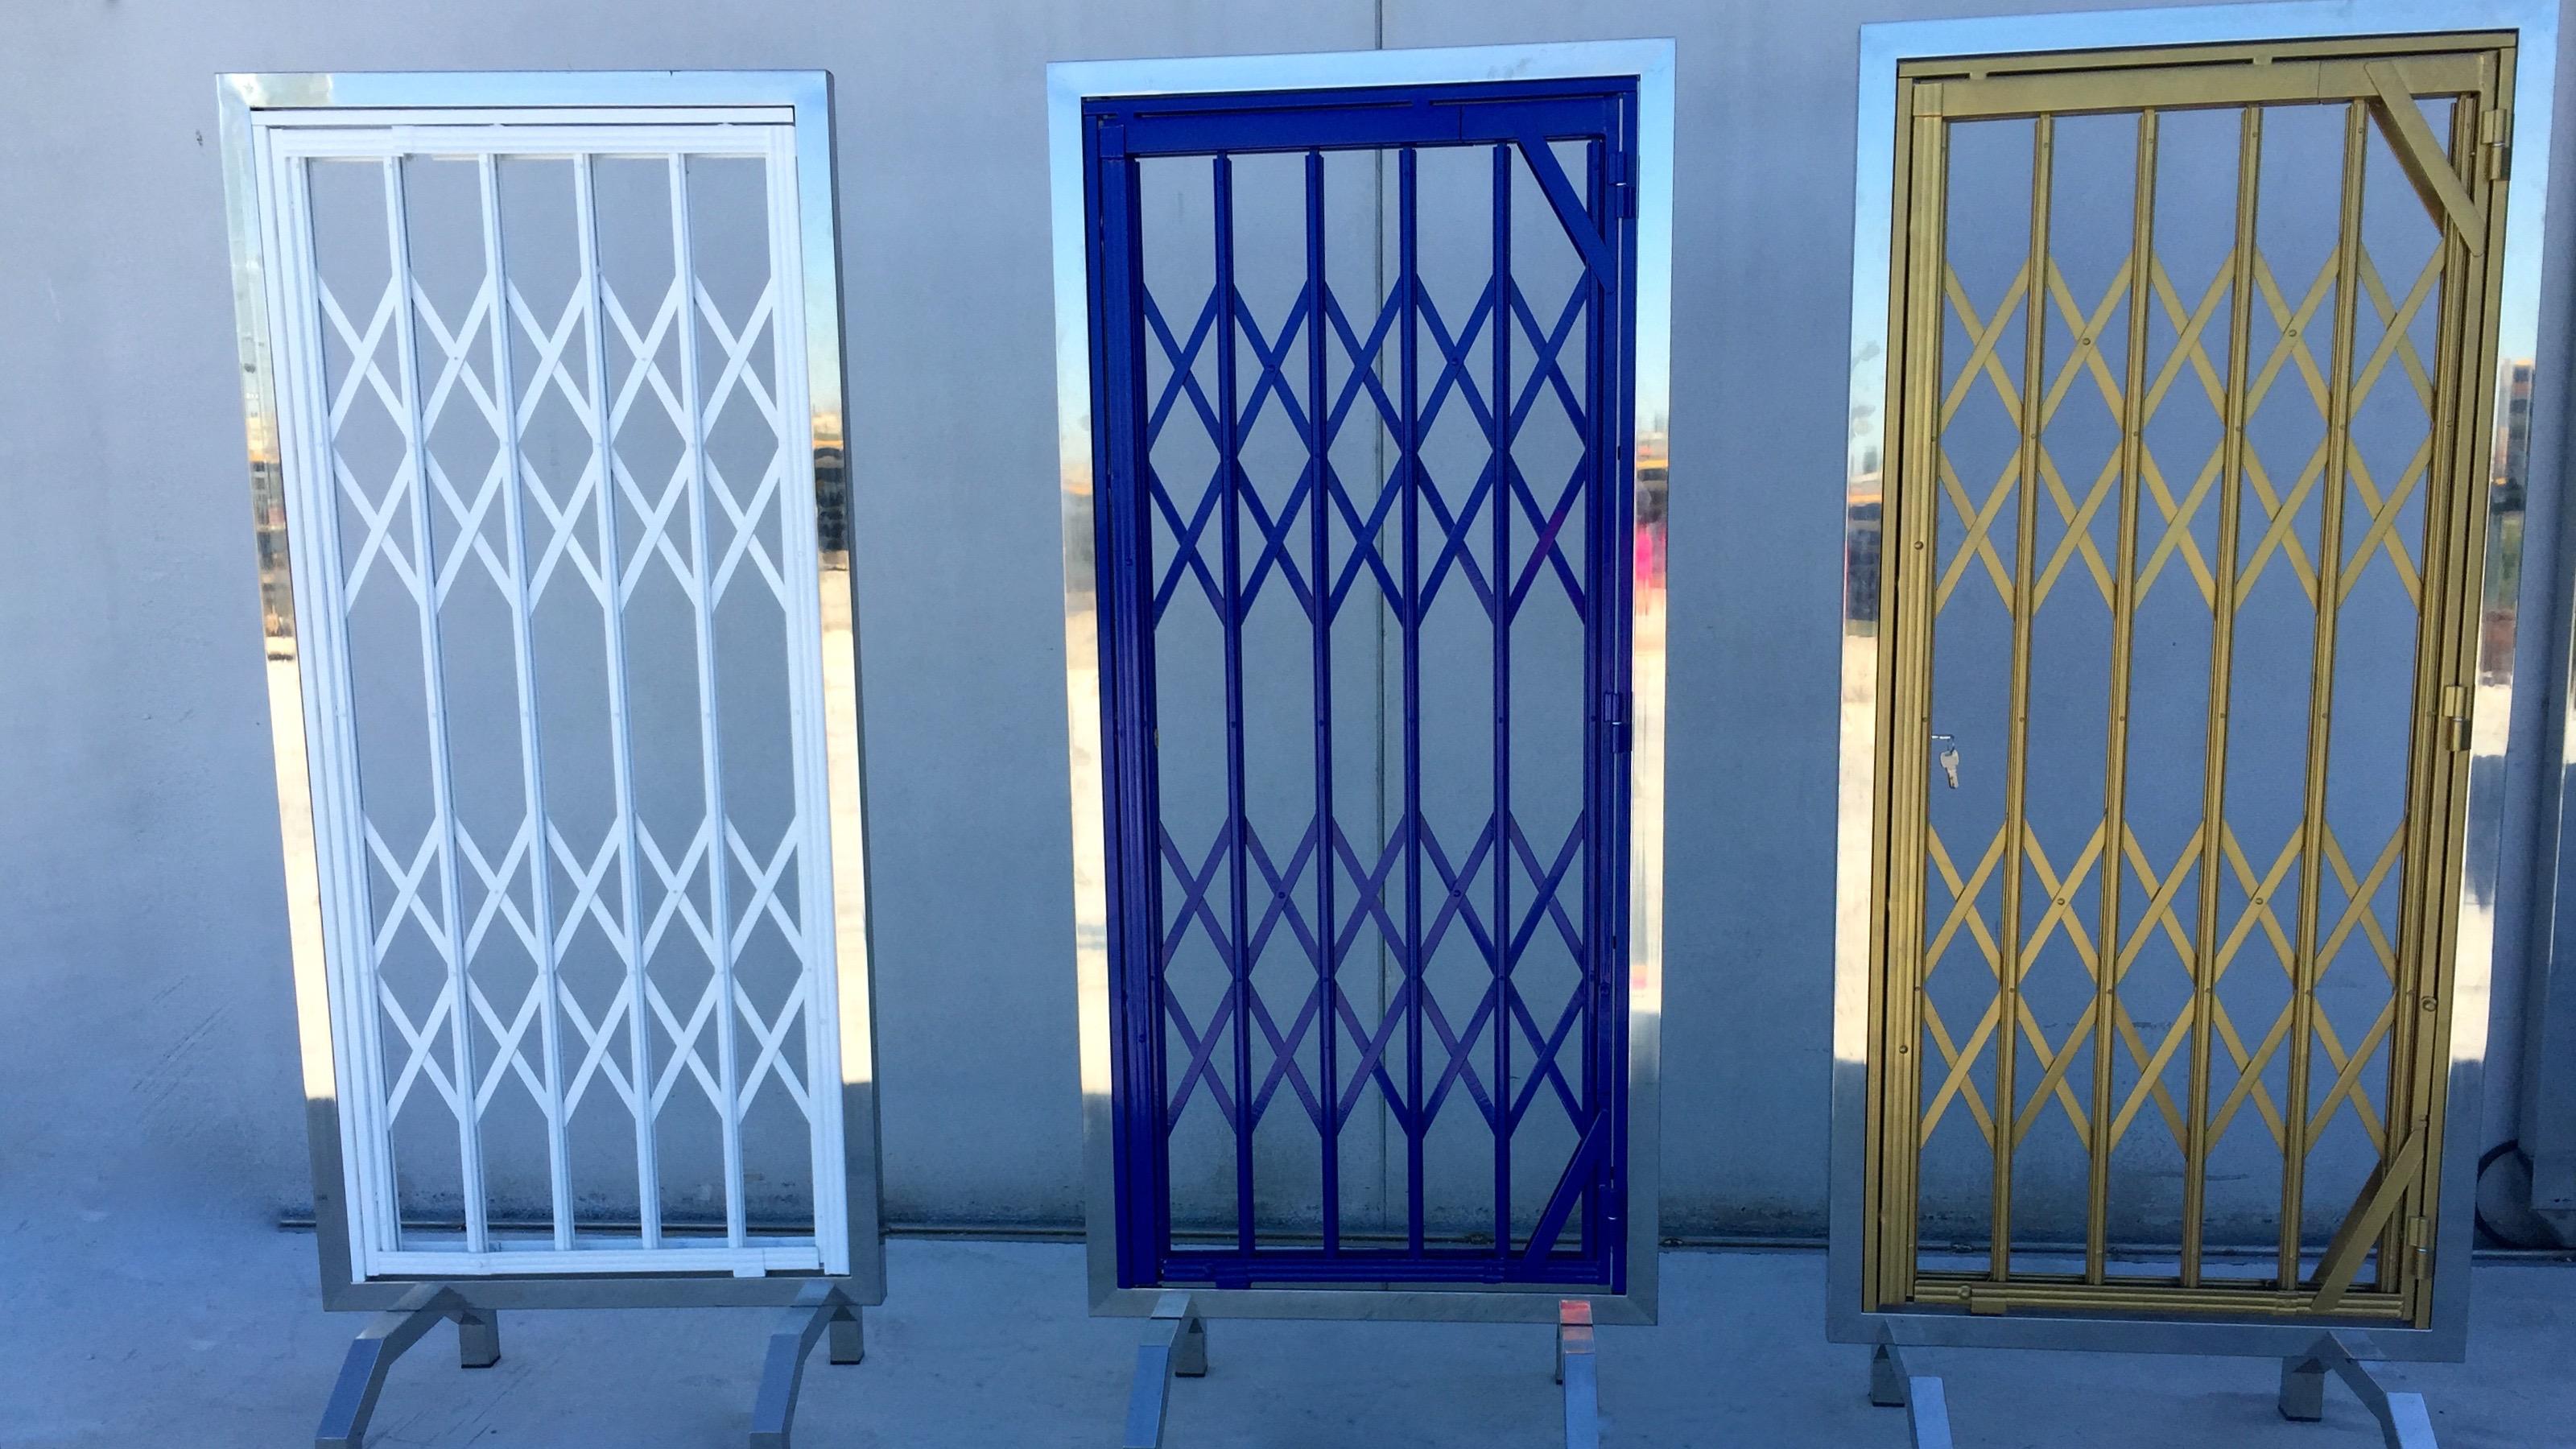 Puertas lopez murcia materiales de construcci n para la reparaci n - Materiales de construccion en murcia ...